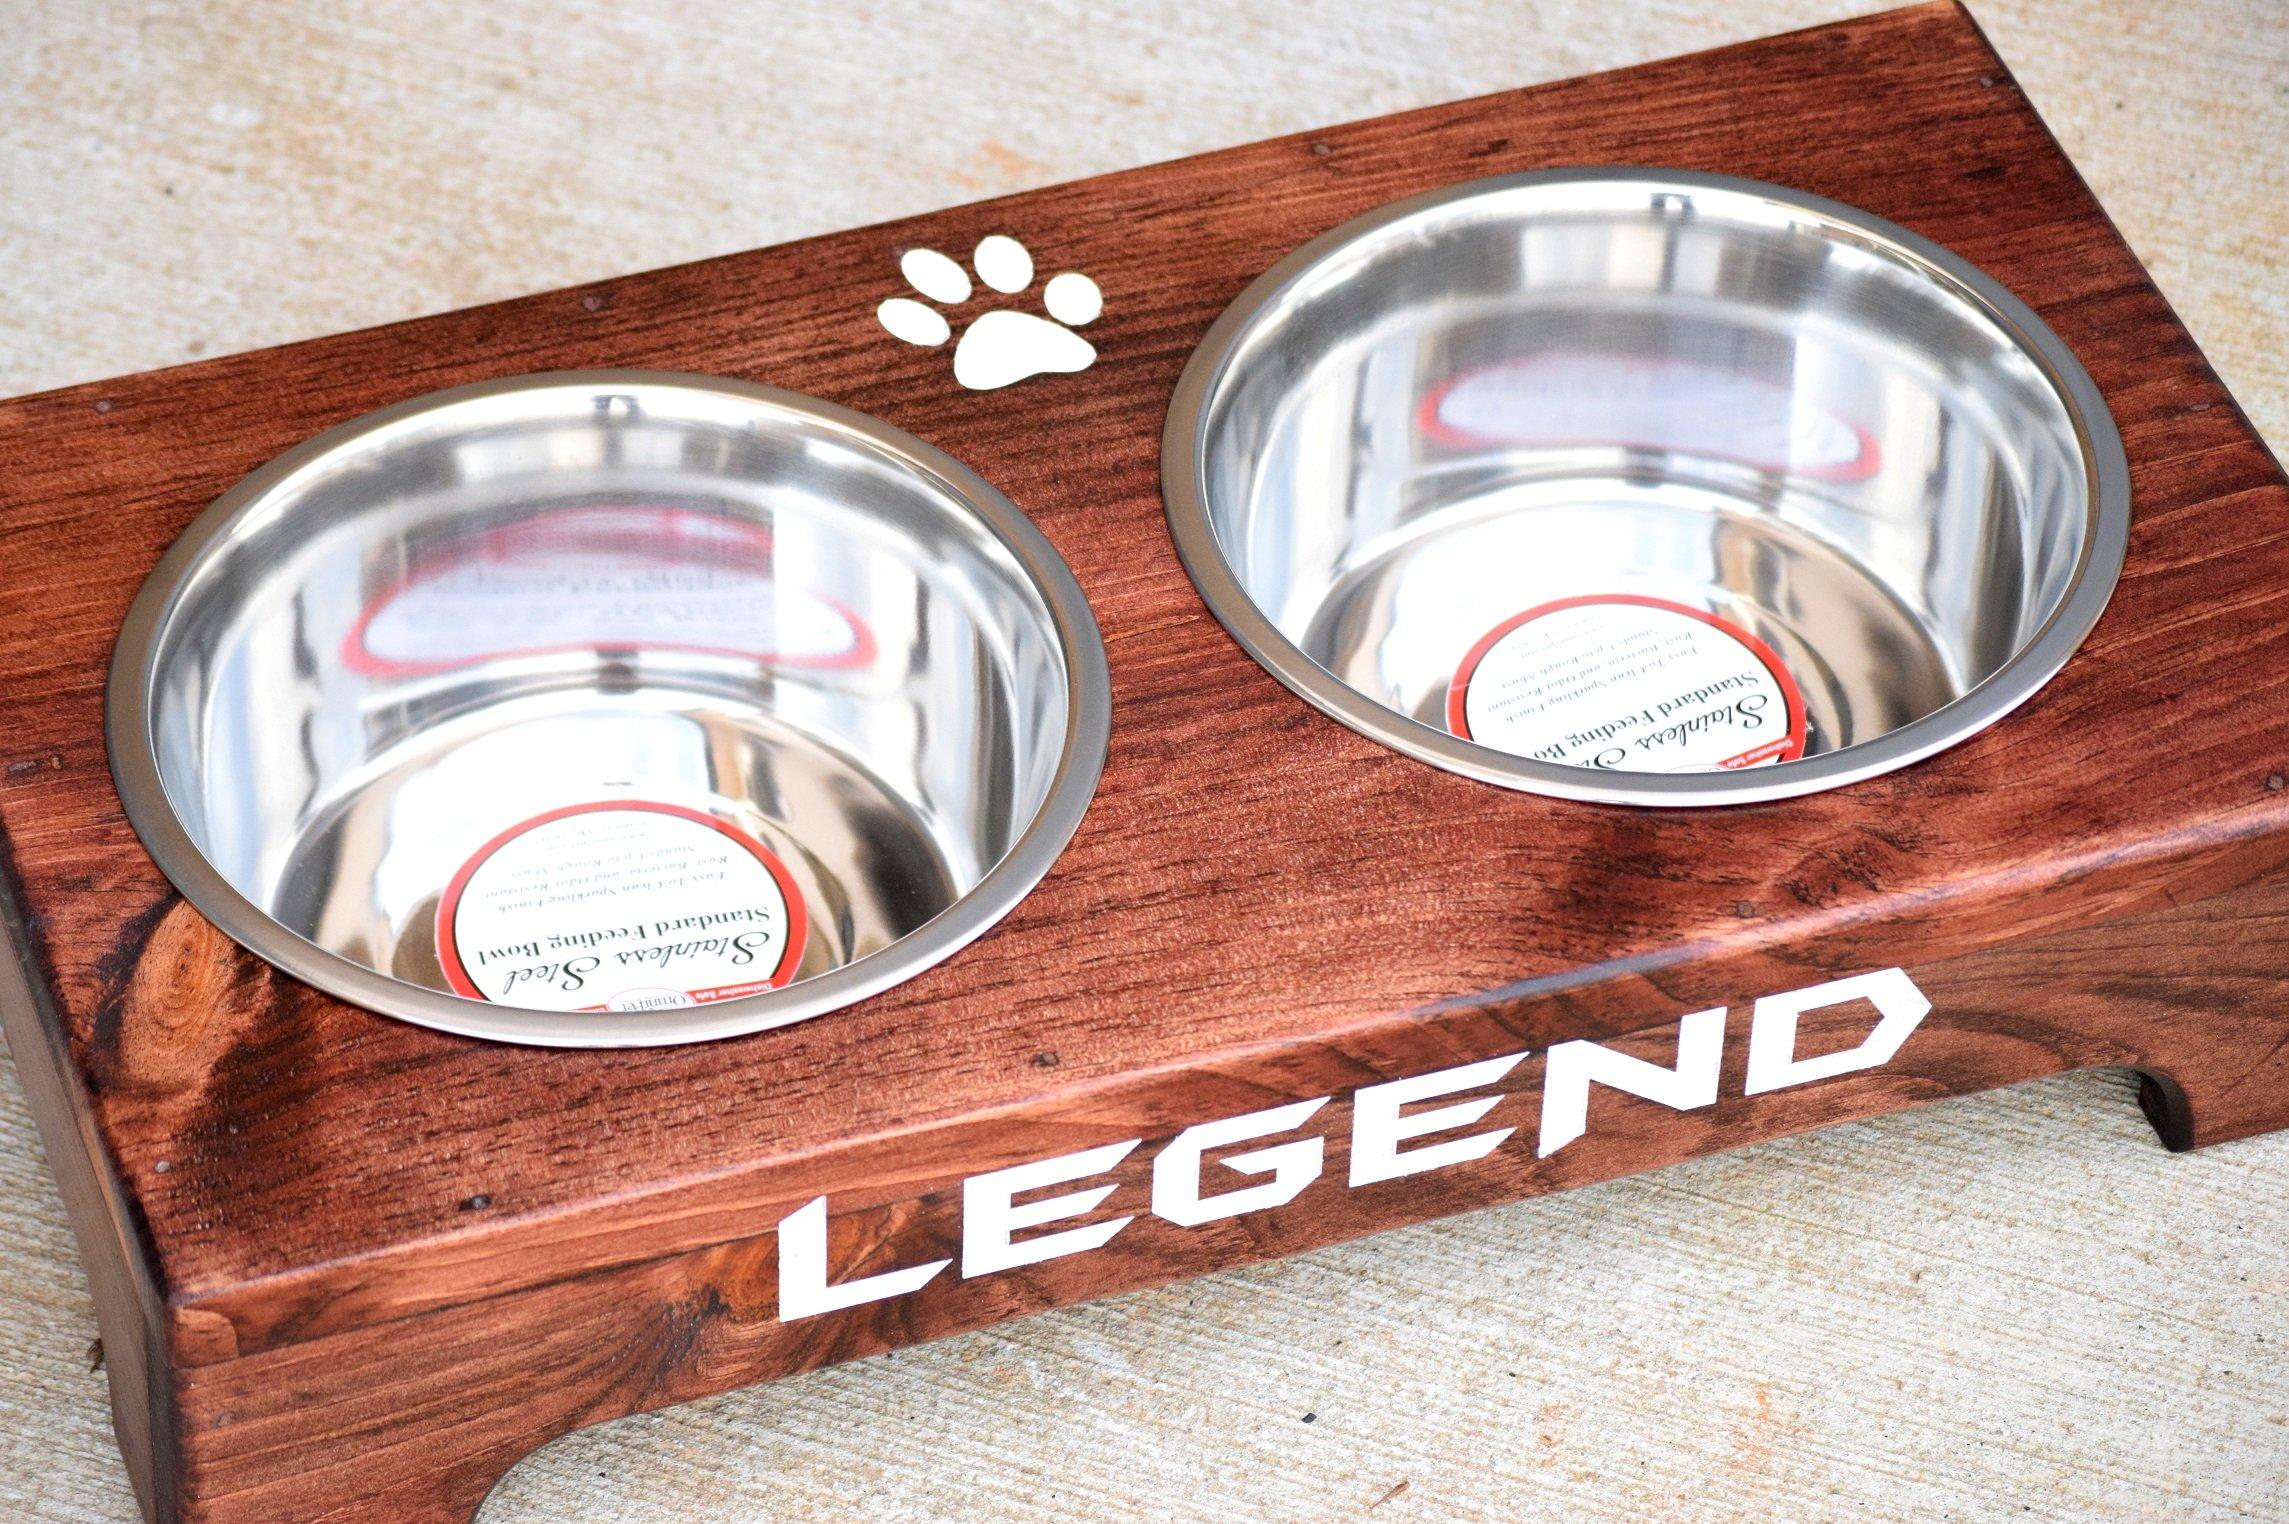 Personalized Raised Dog Feeder - Elevated Dog Bowls - Dog Bowl Feeder - Rustic Dog Bowl Stand - Raised Dog Bowl Feeder Elevated Dog Feeder